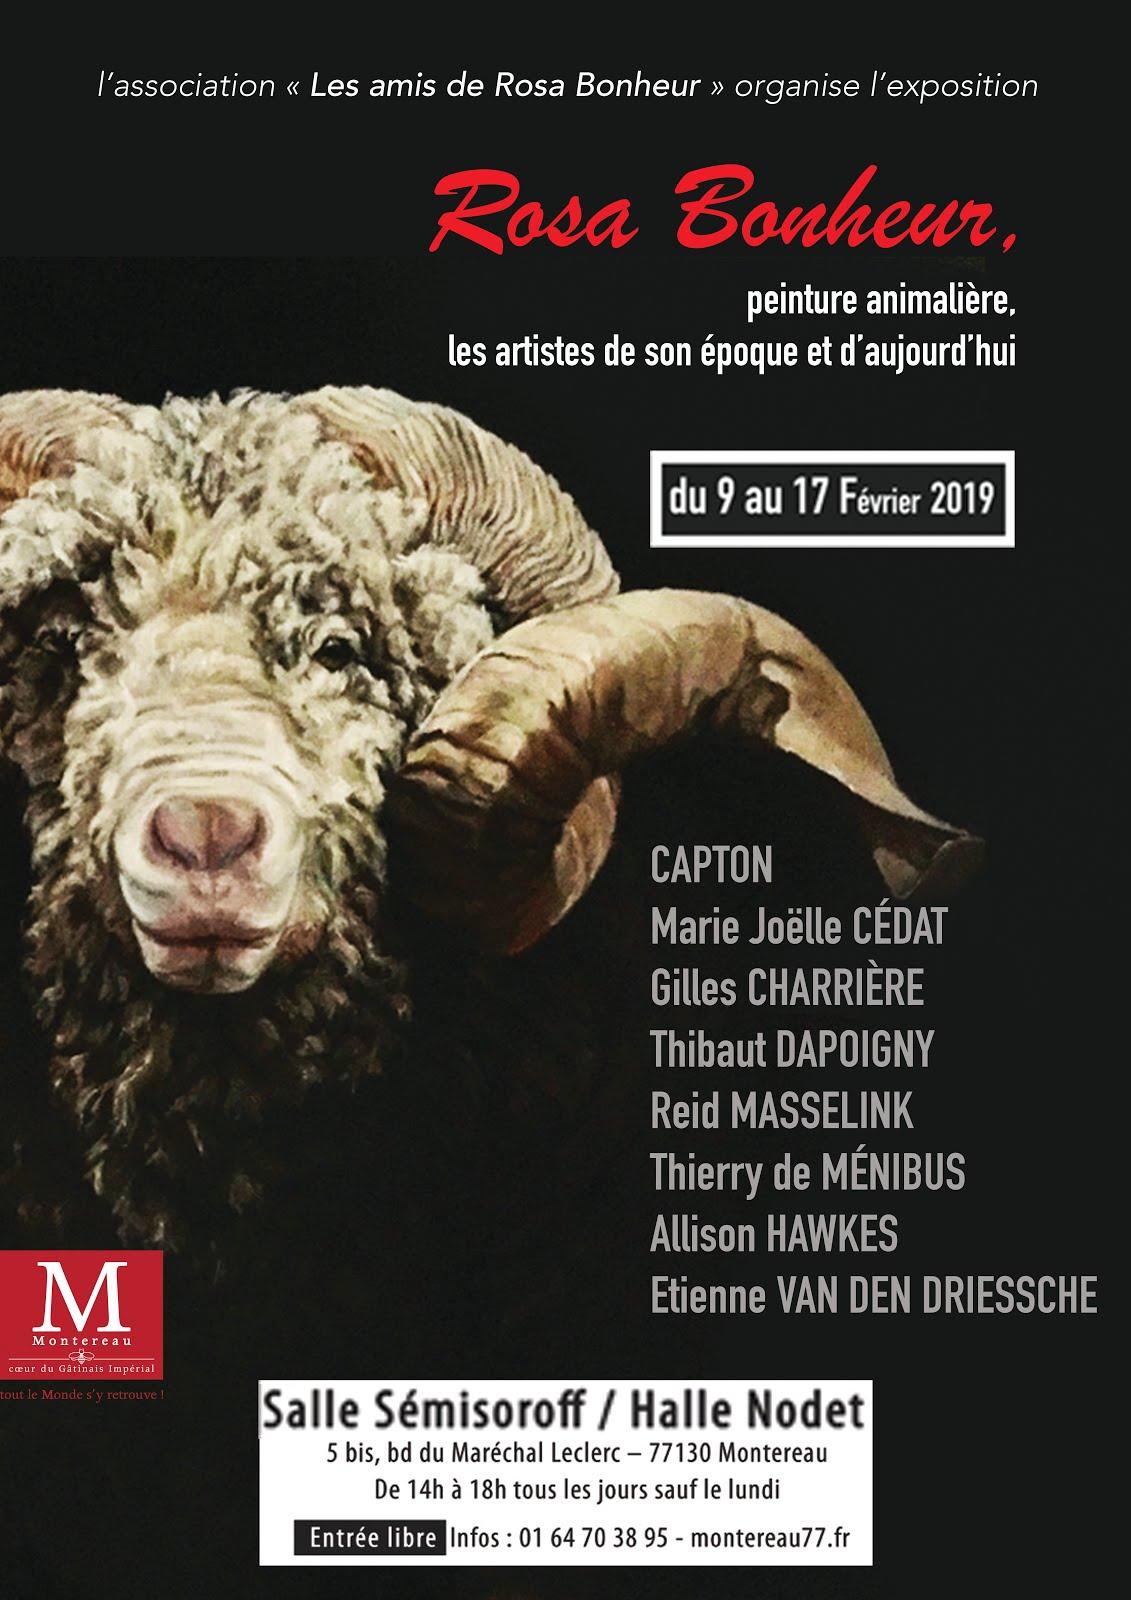 MONTEREAU FAULT-YONNE : 8 ARTISTES CONTEMPORAINS AUTOUR DE ROSA BONHEUR